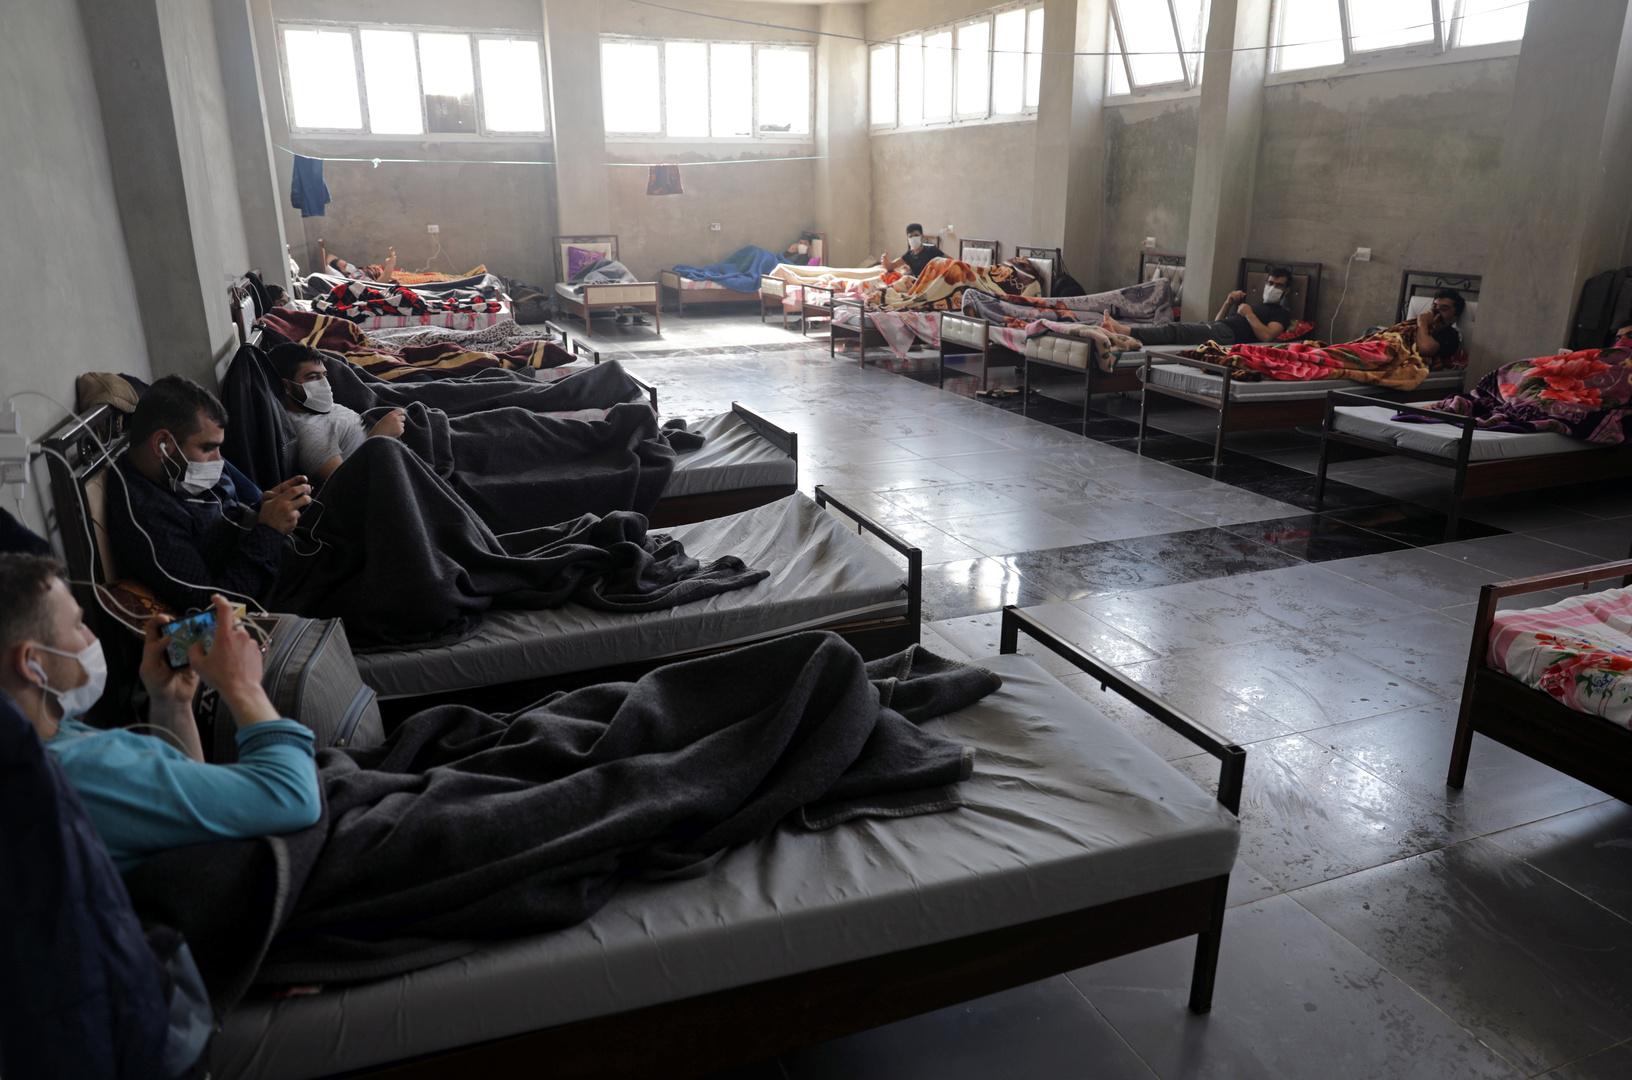 مركز للحجر الصحي في مدينة جسر الشغور - إدلب